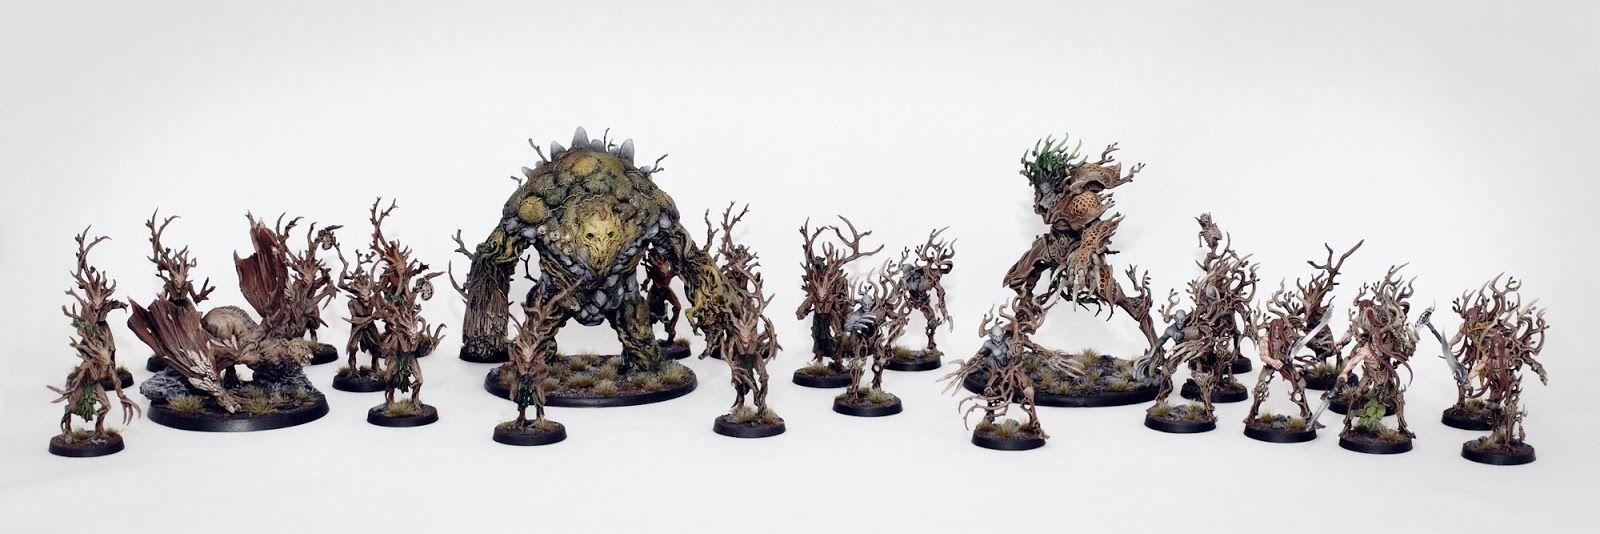 Sylvaneth army with Mórannach, Beast of Cill Chonn Bog by ...